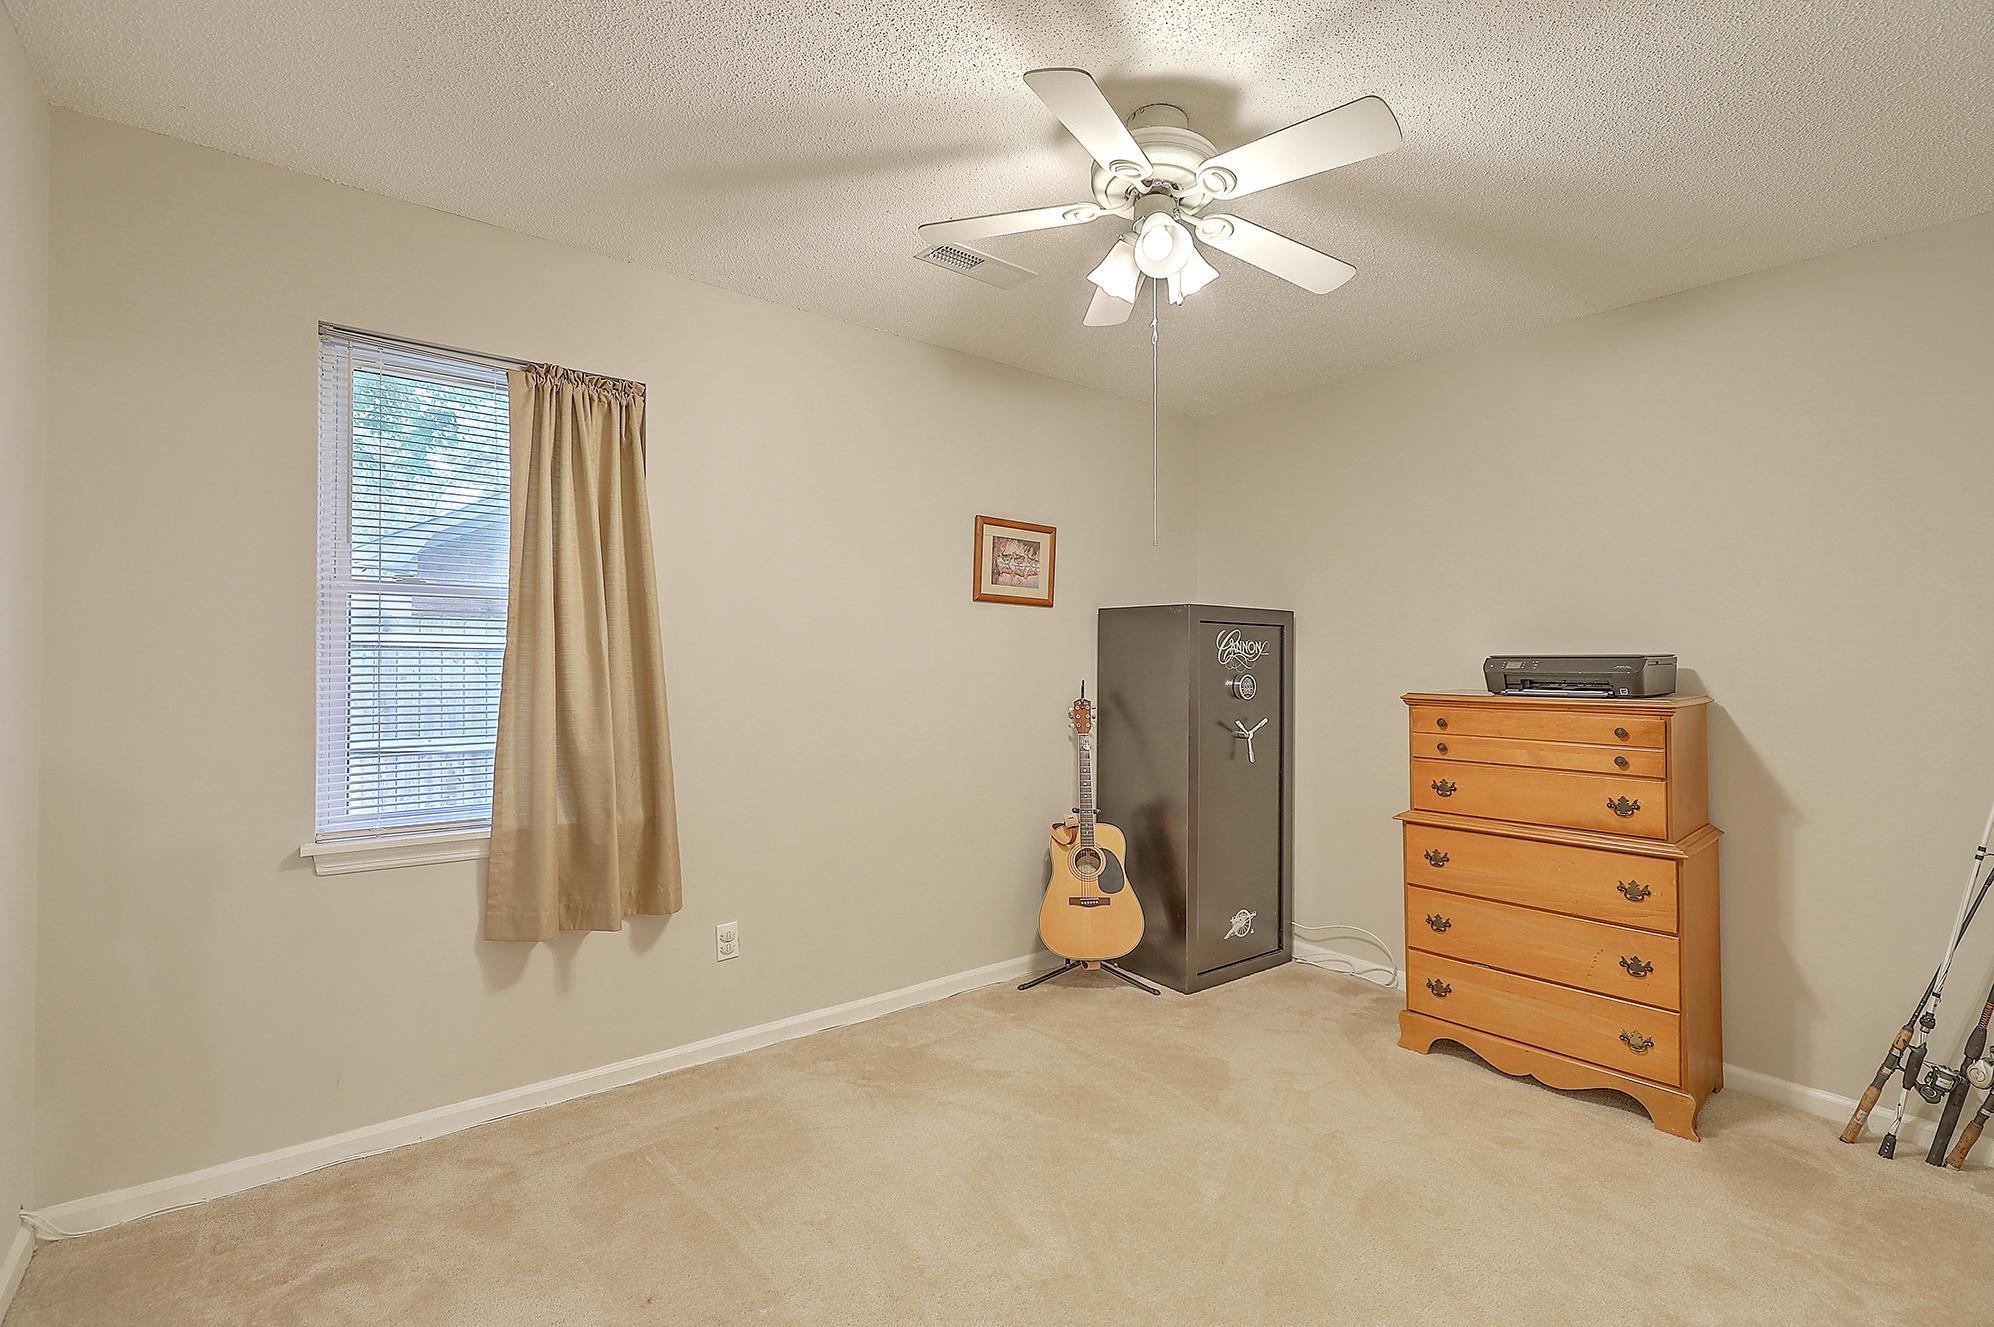 Willowbrook I Homes For Sale - 37 Delaware, Goose Creek, SC - 11